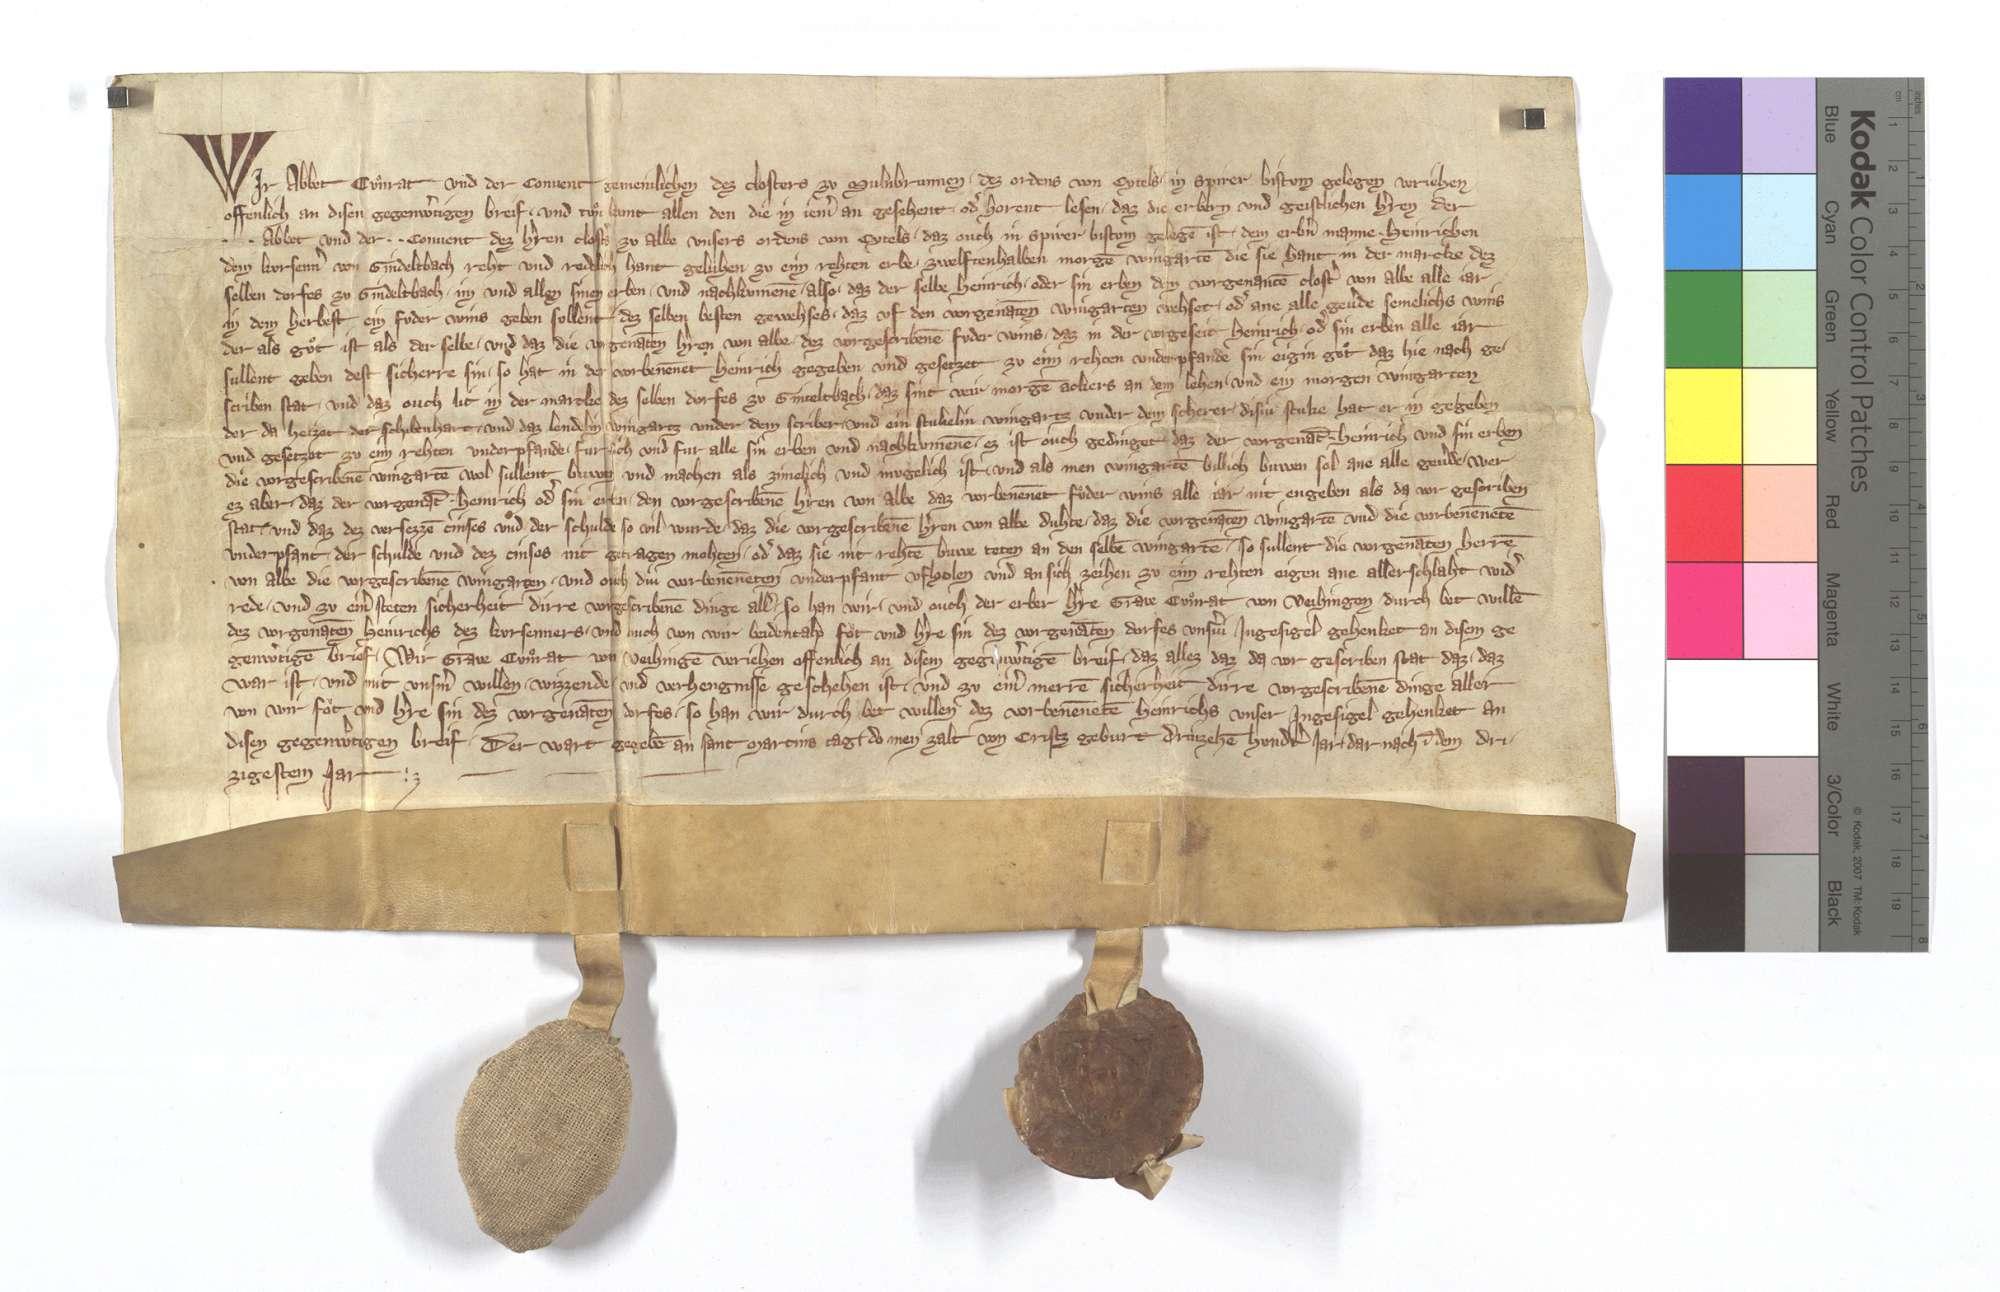 Urkunde des Abts Conrad für Heinrich Kürsener von Gündelbach, welchem das Kloster Herrenalb seine 14 Morgen Weingarten in der Markung des Dorfes Gündelbach zu einem Erblehen geliehen hat., Text